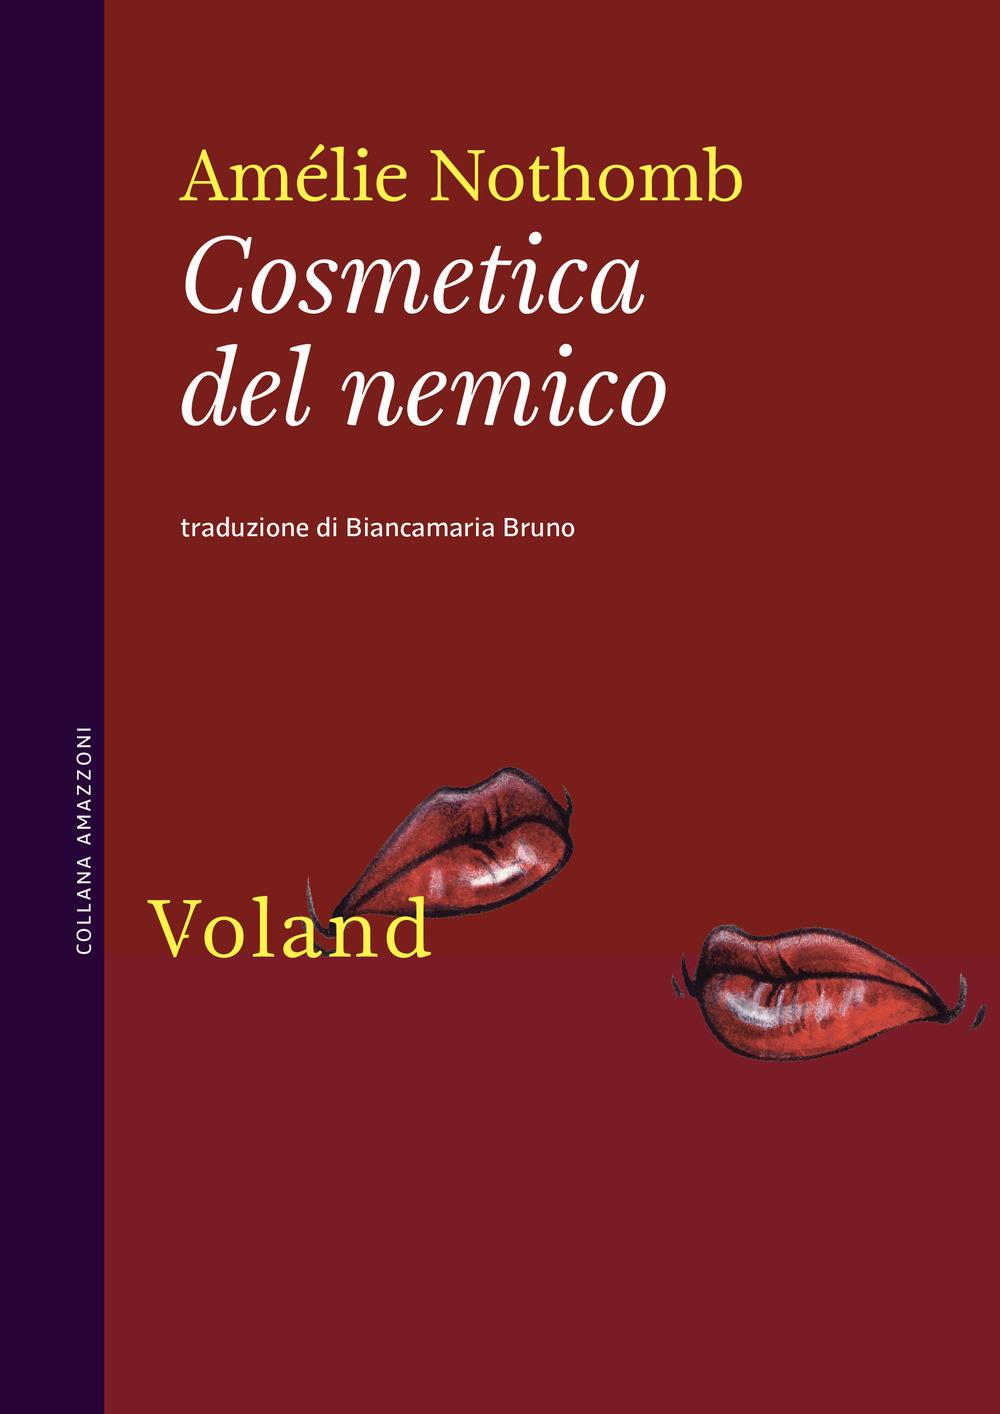 COSMETICA DEL NEMICO - Nothomb Amélie - 9788862434683